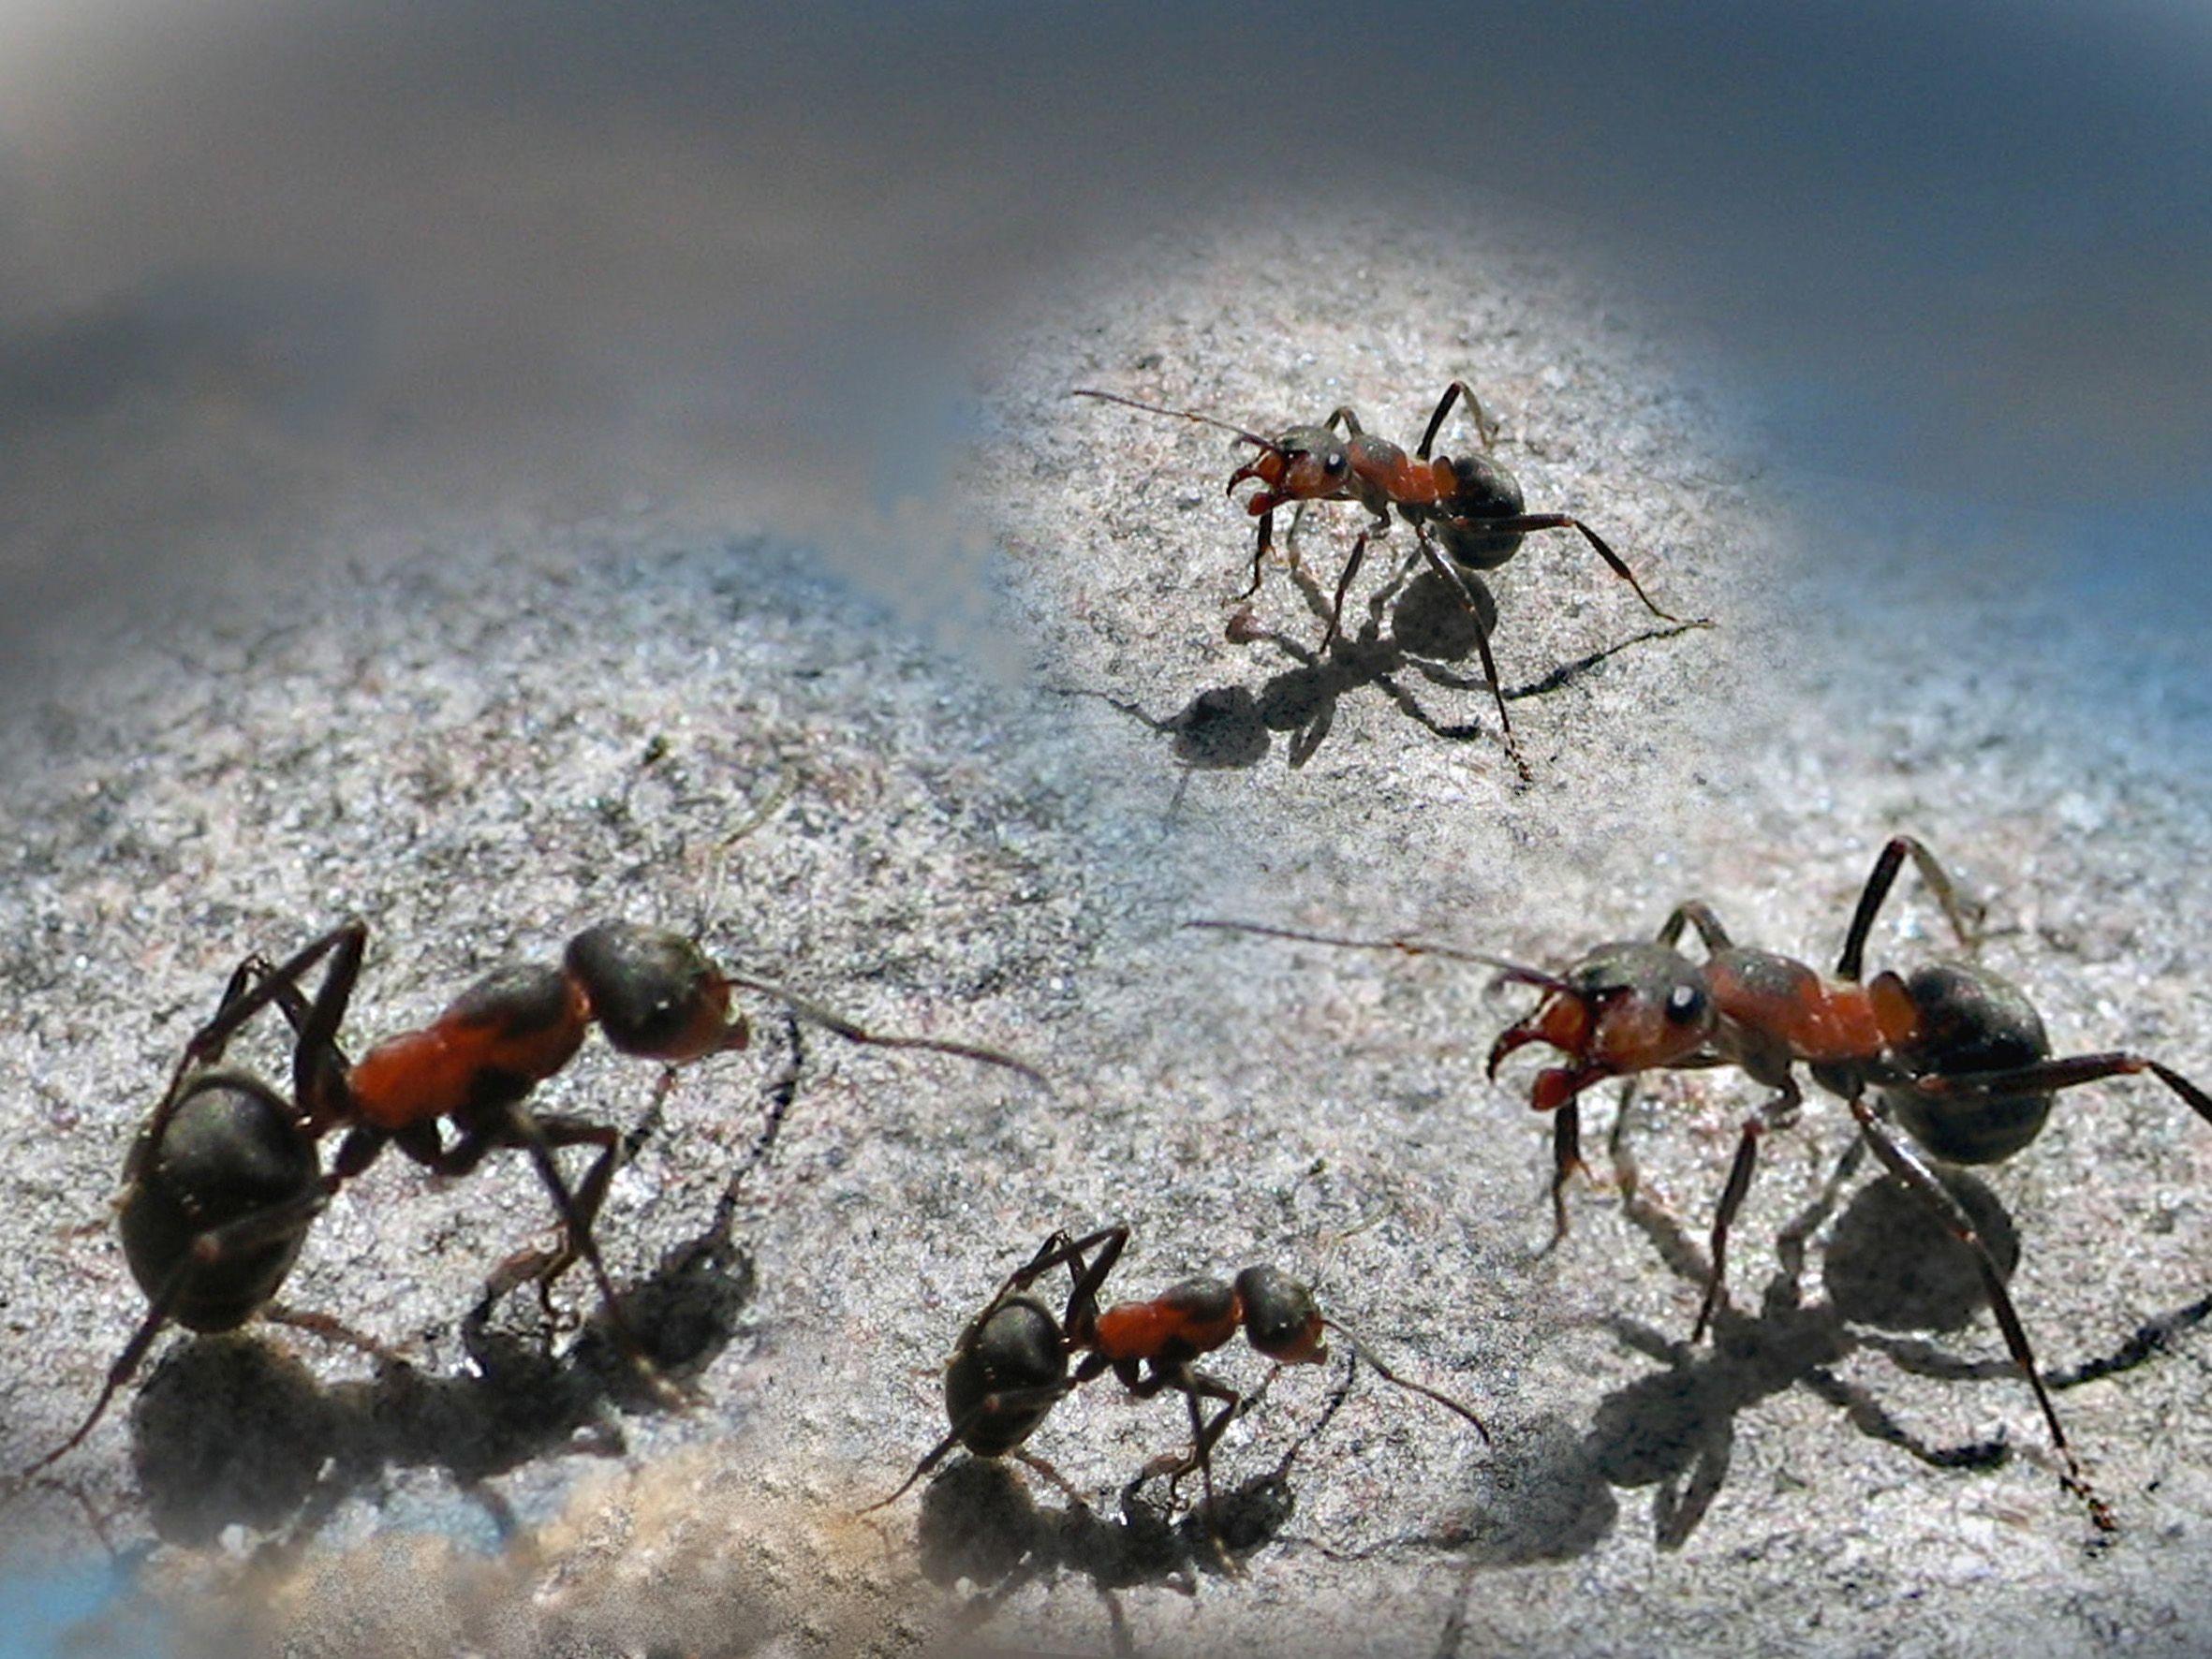 Ameisen mit Hausmitteln aus dem Haus vertreiben